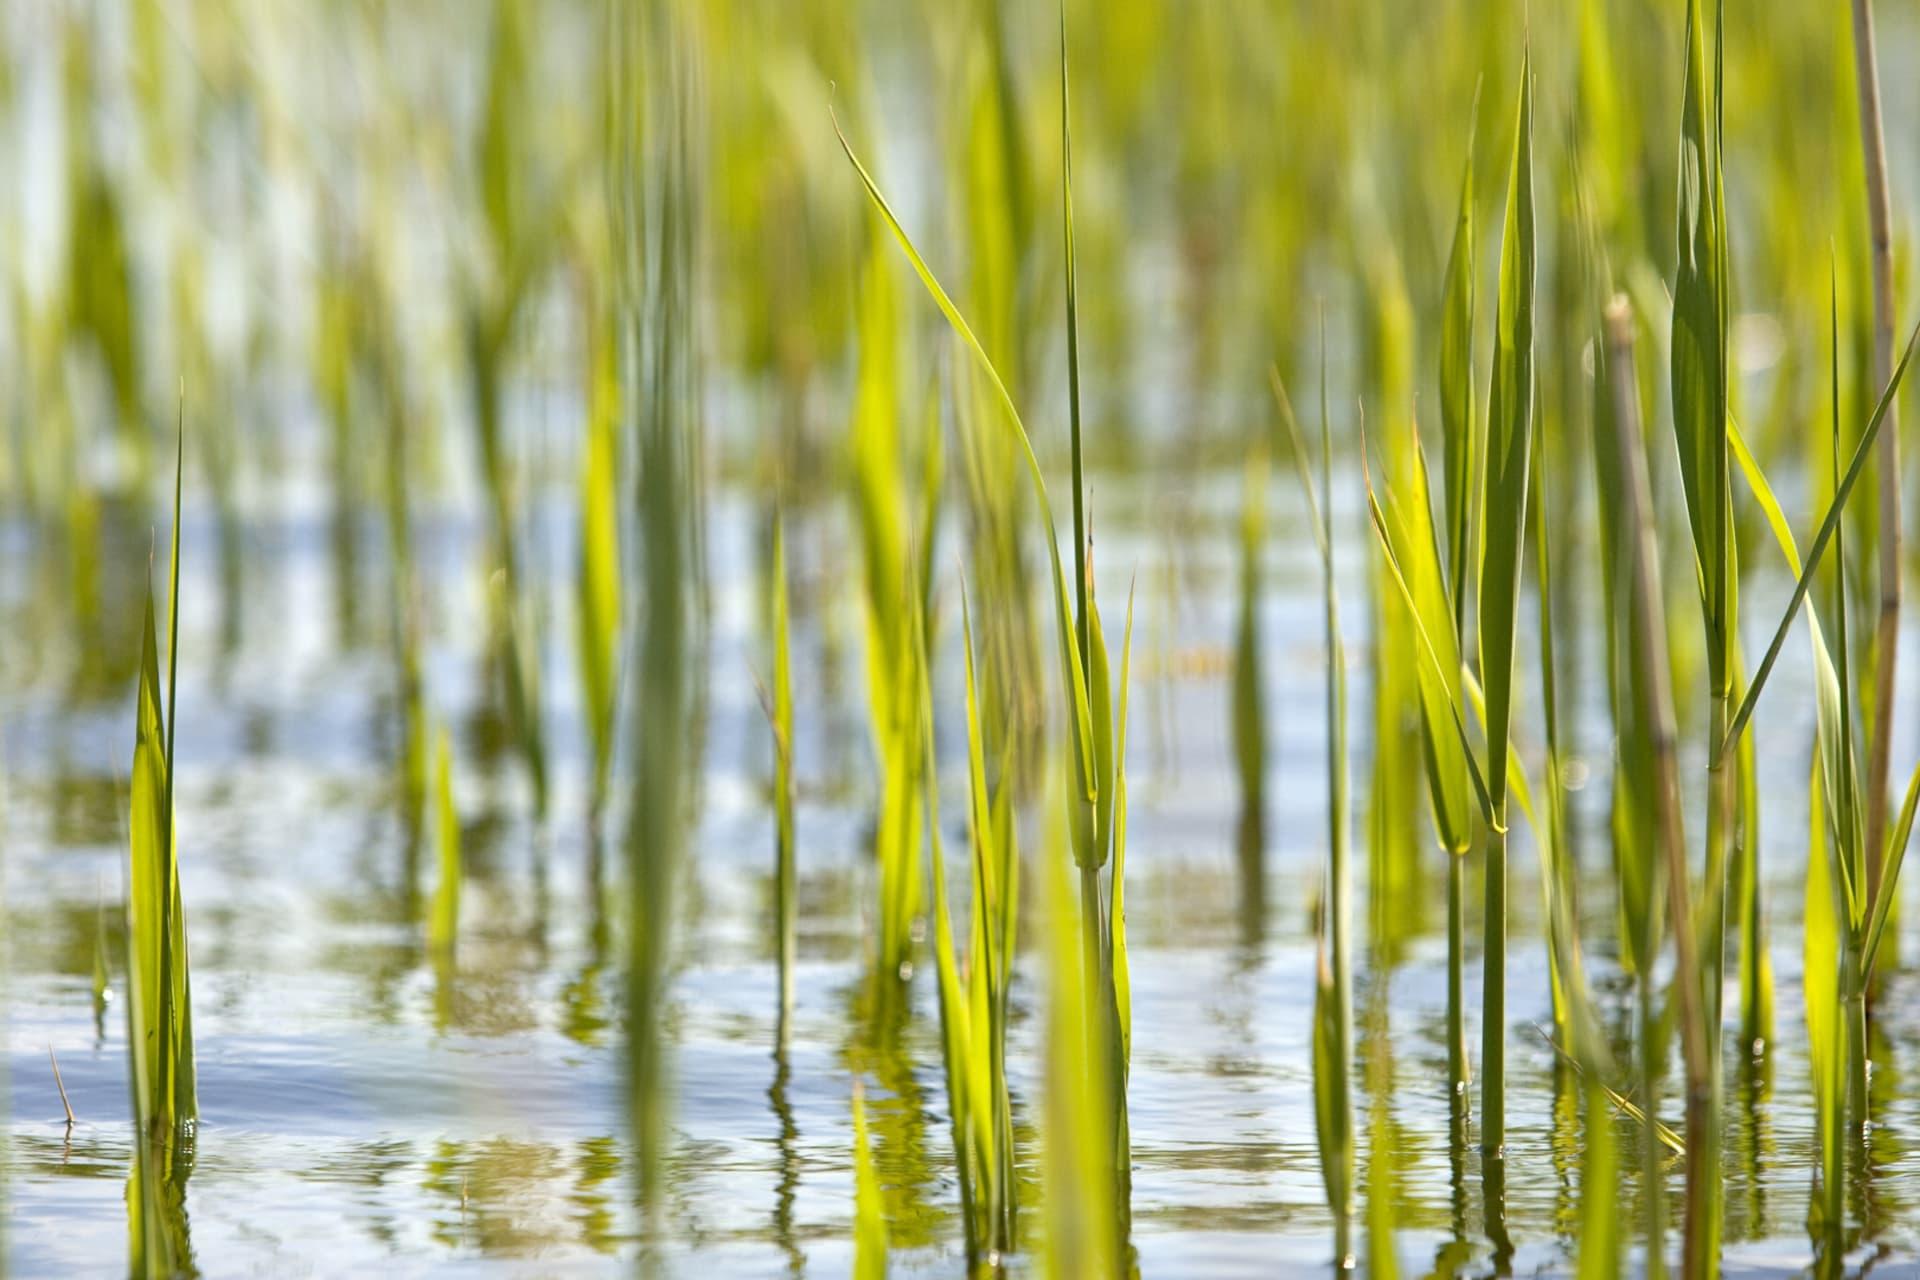 Spröda ljusgröna vasstrån skjuter upp ur det kalla vattnet. Våren är en härlig tid för paddling.